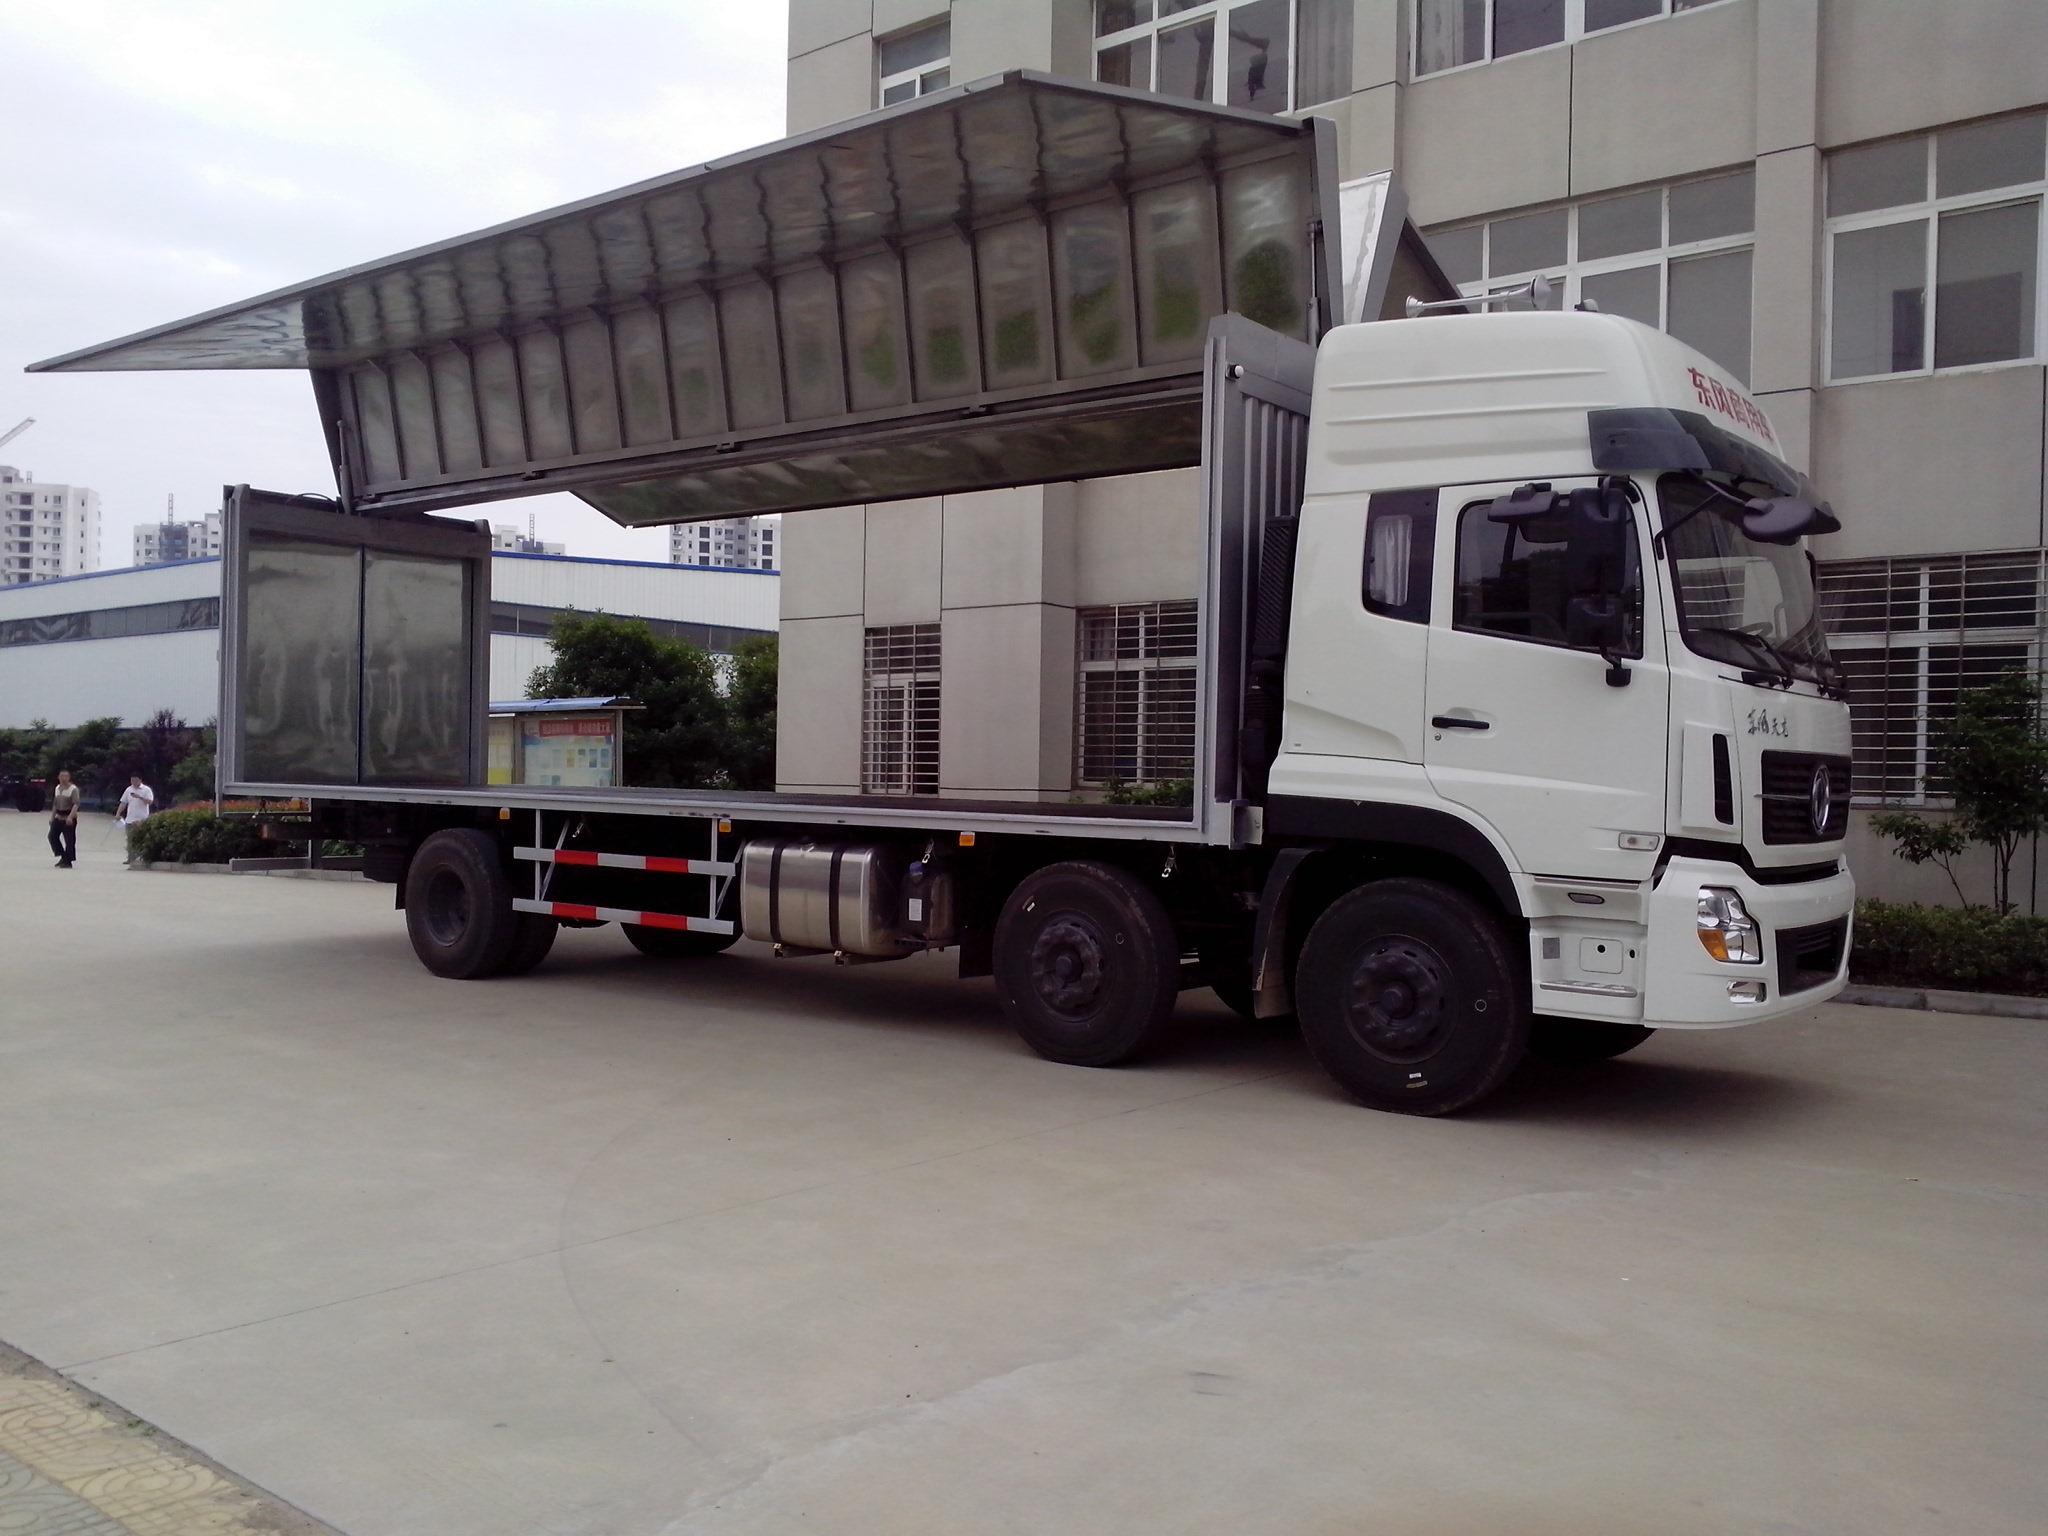 霸龙9米6飞翼车 柳汽翼展厢式车整车销售 国四霸龙飞翼车图片